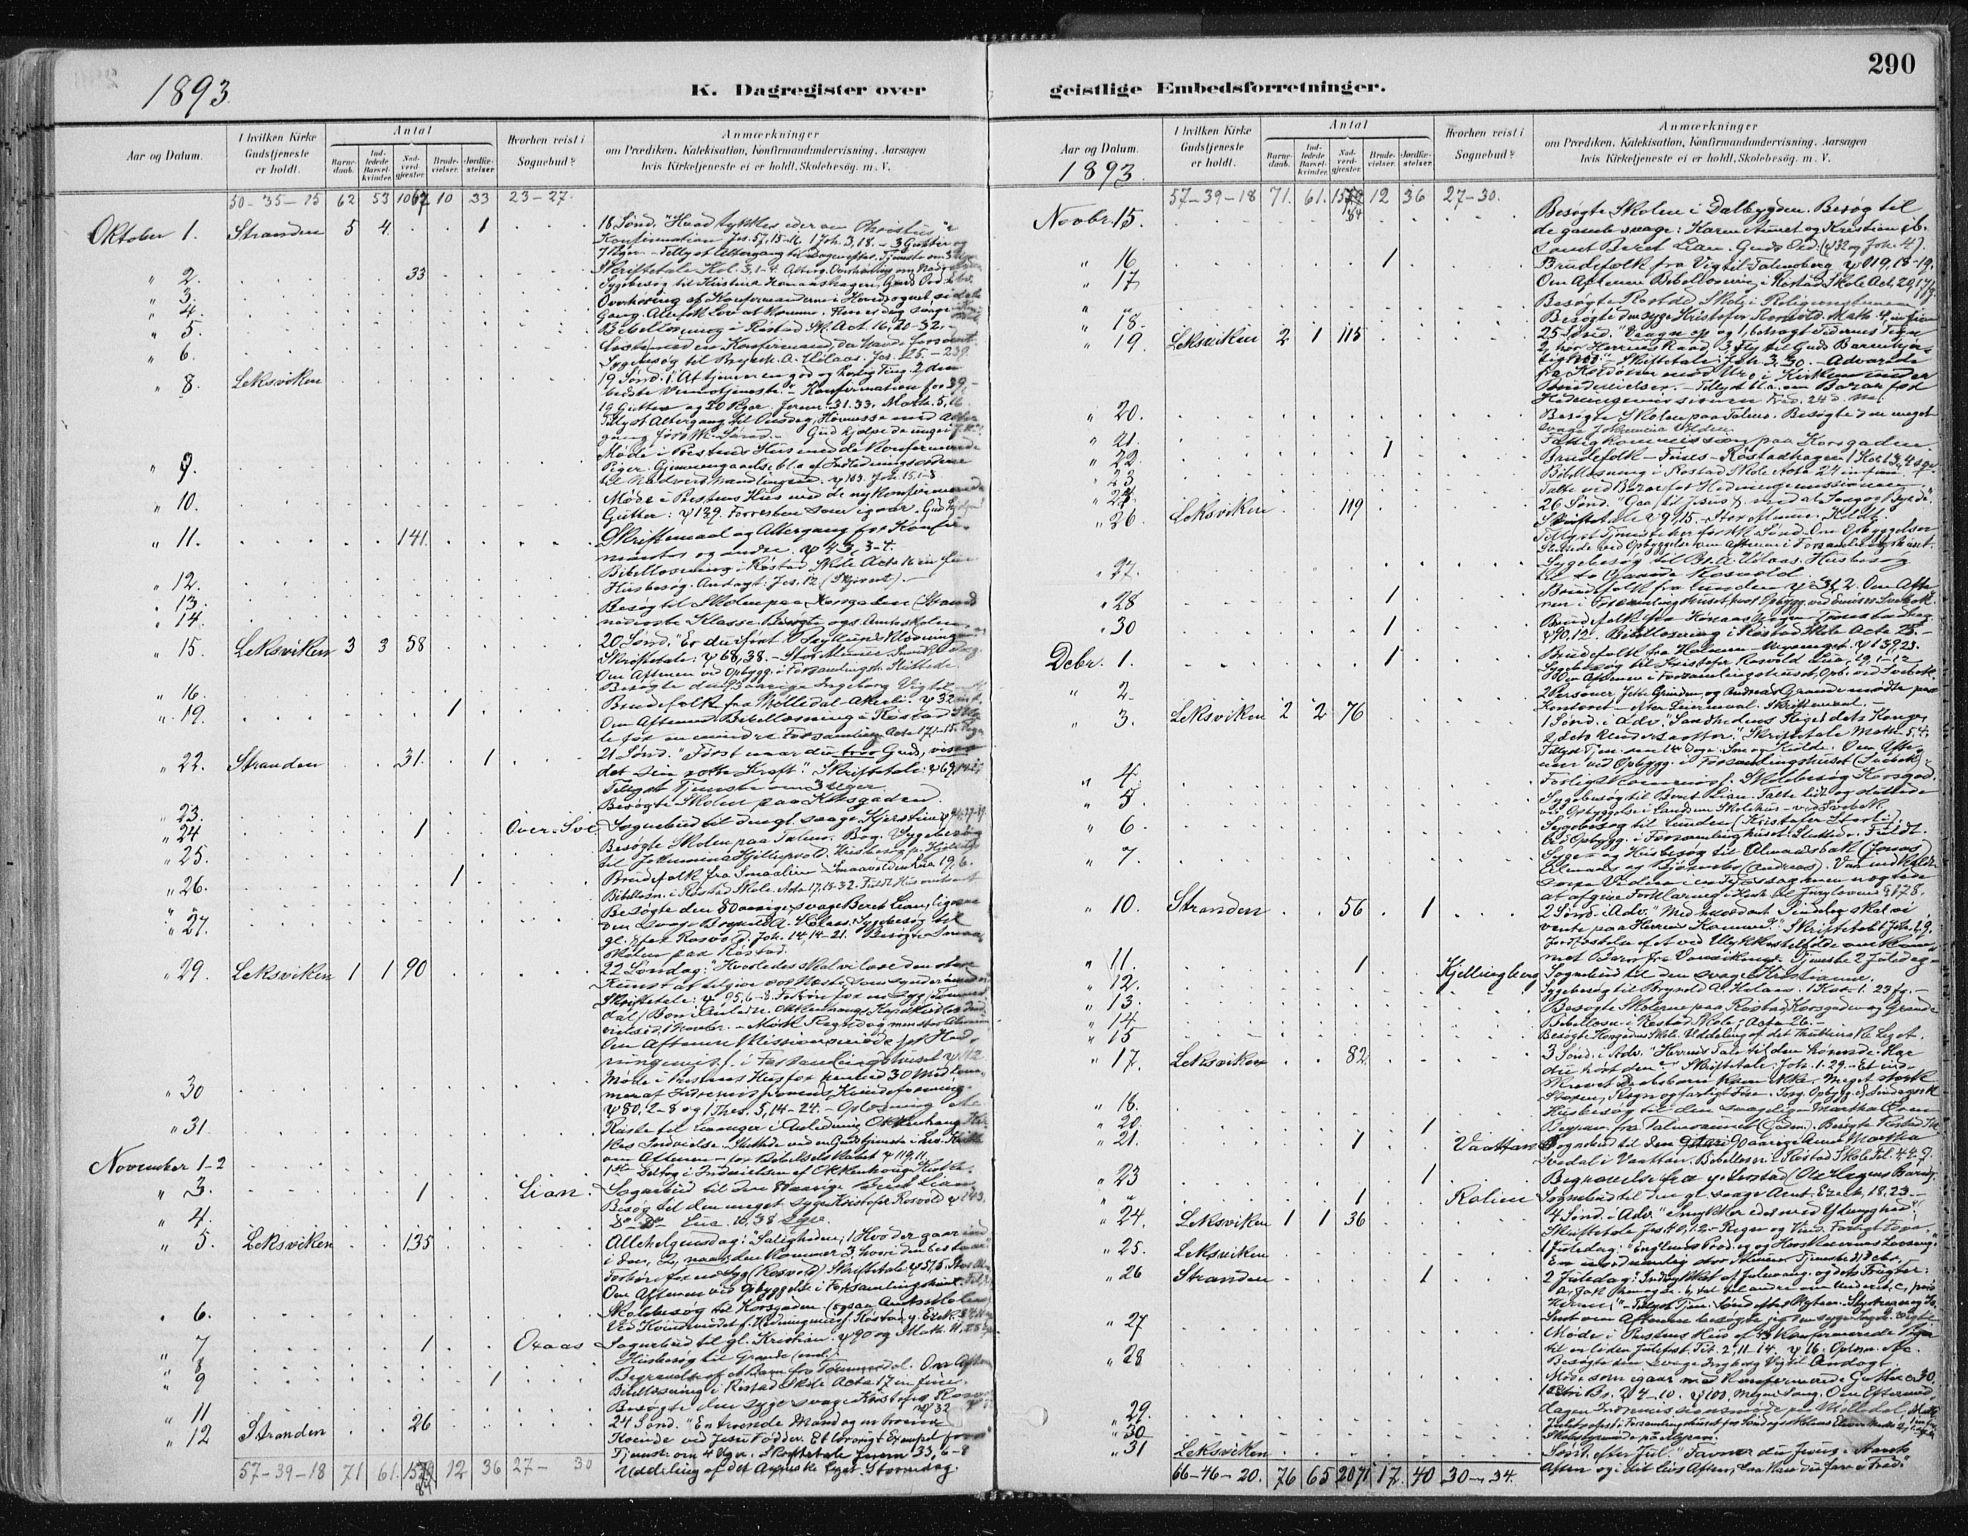 SAT, Ministerialprotokoller, klokkerbøker og fødselsregistre - Nord-Trøndelag, 701/L0010: Ministerialbok nr. 701A10, 1883-1899, s. 290